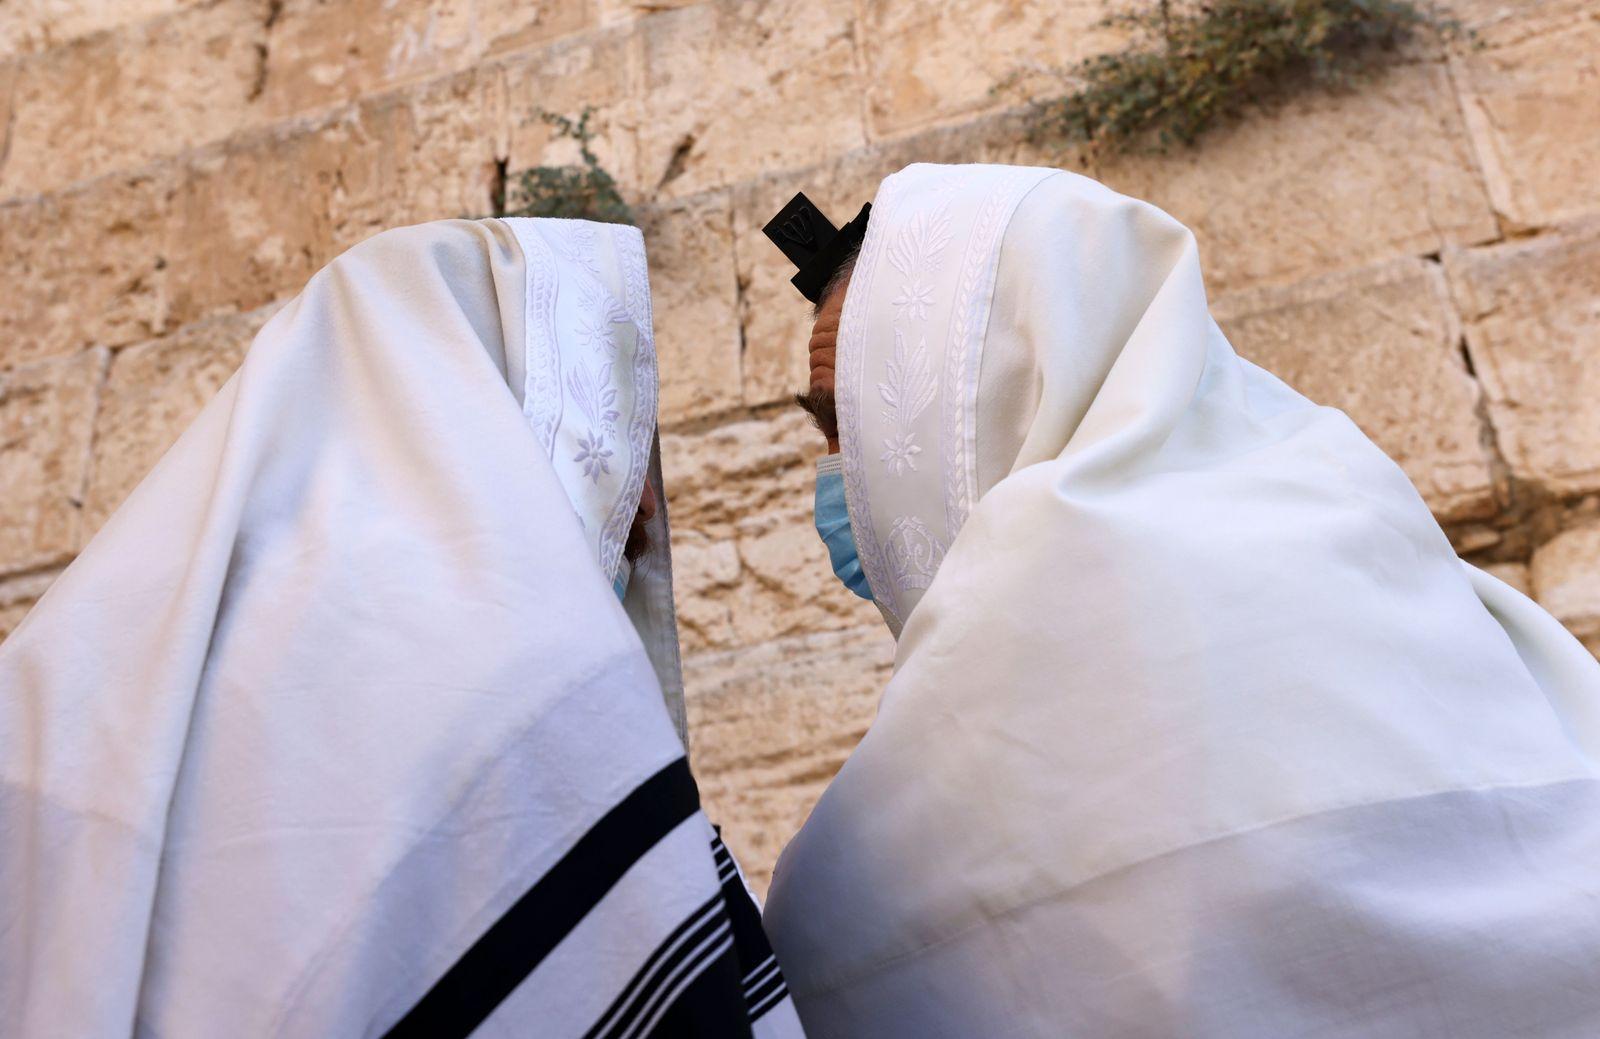 ISRAEL-HEALTH-VIRUS-RELIGION